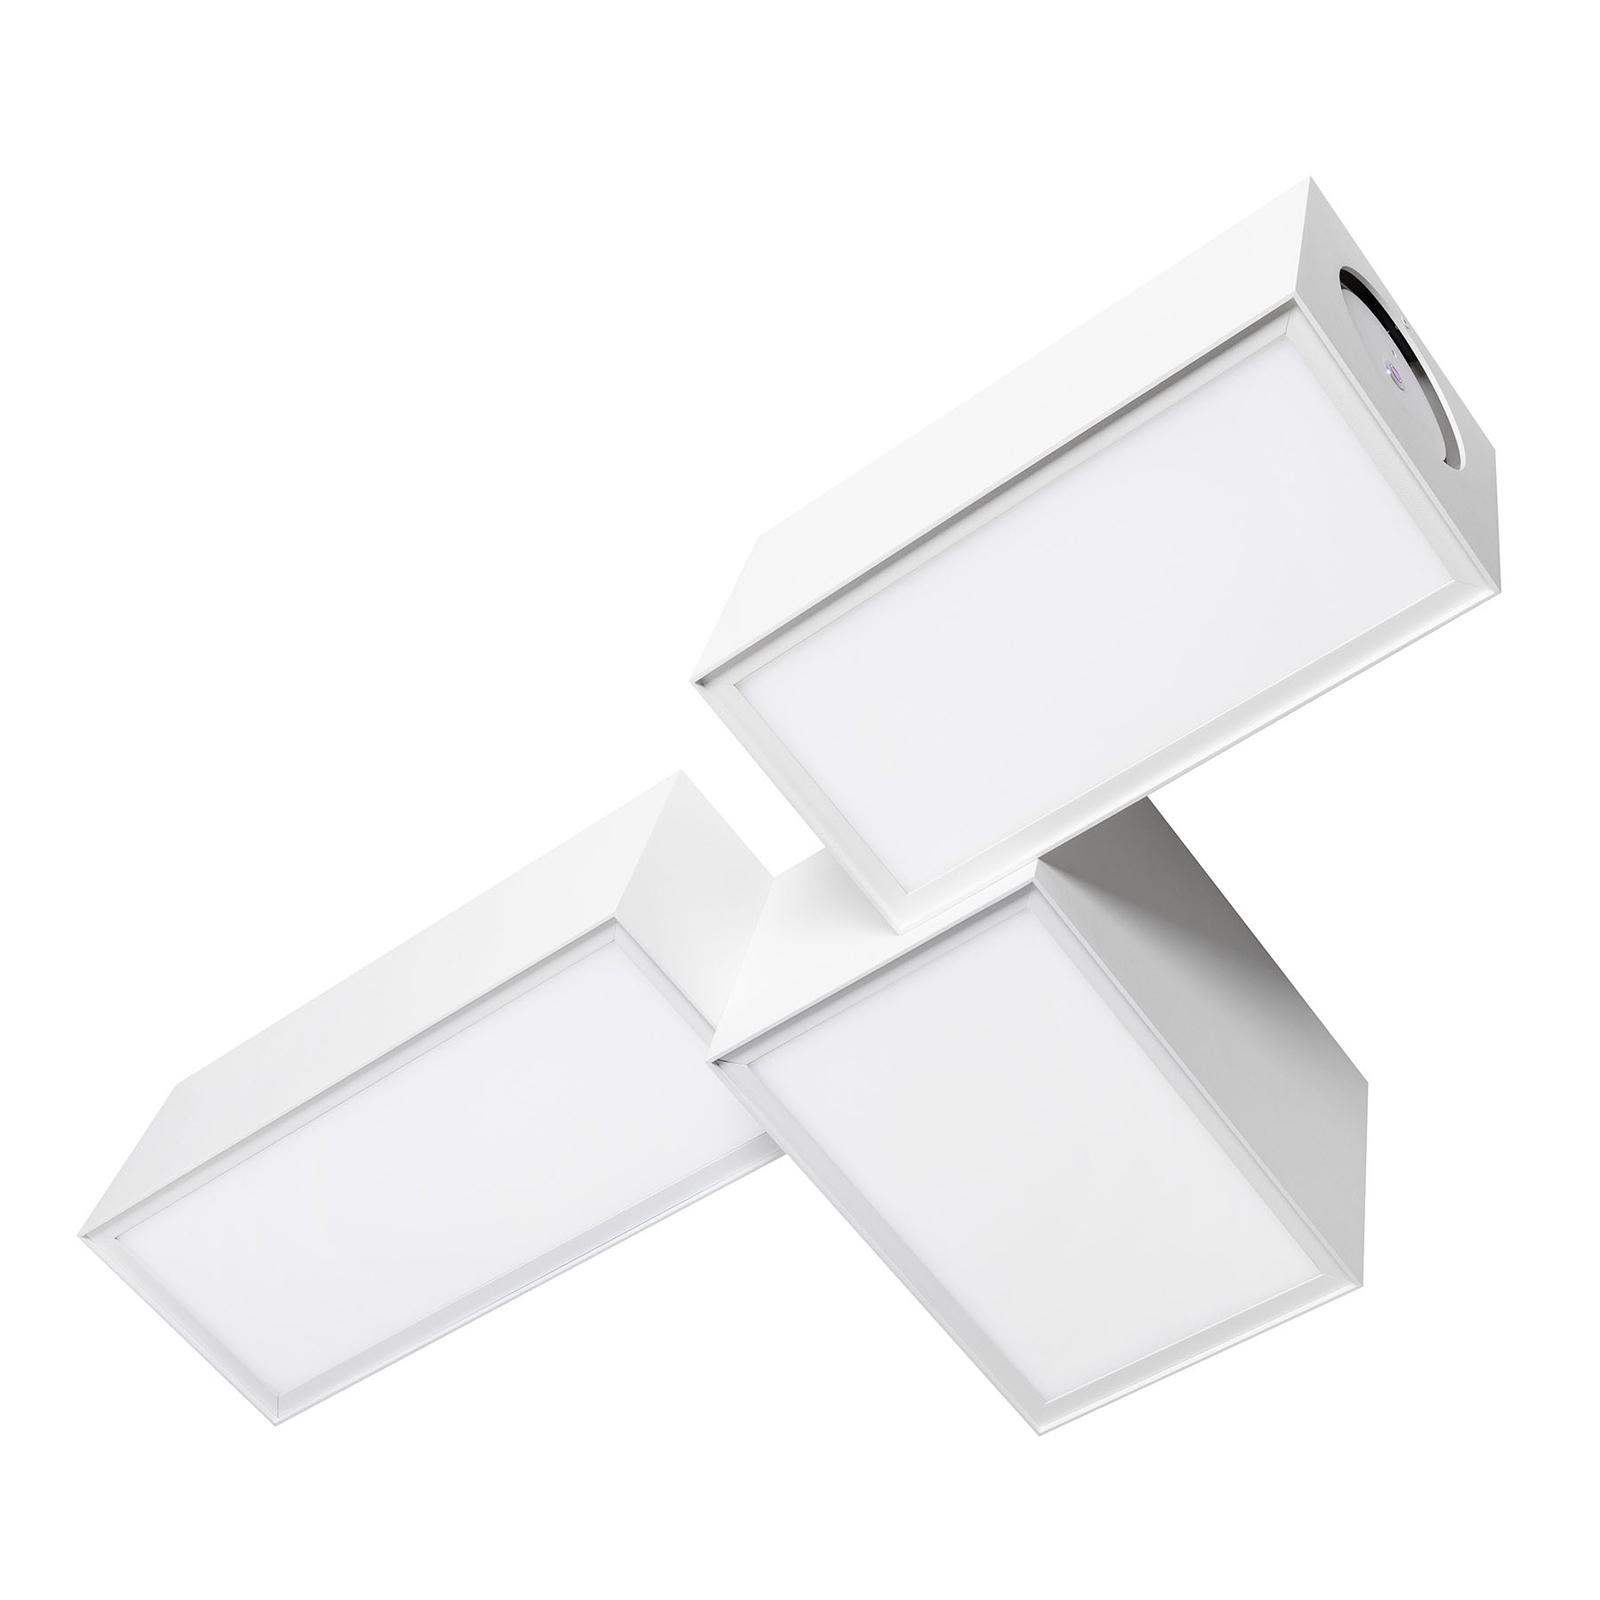 Ozonos Stella -kattovalaisin, AC-1 Plus, valkoinen